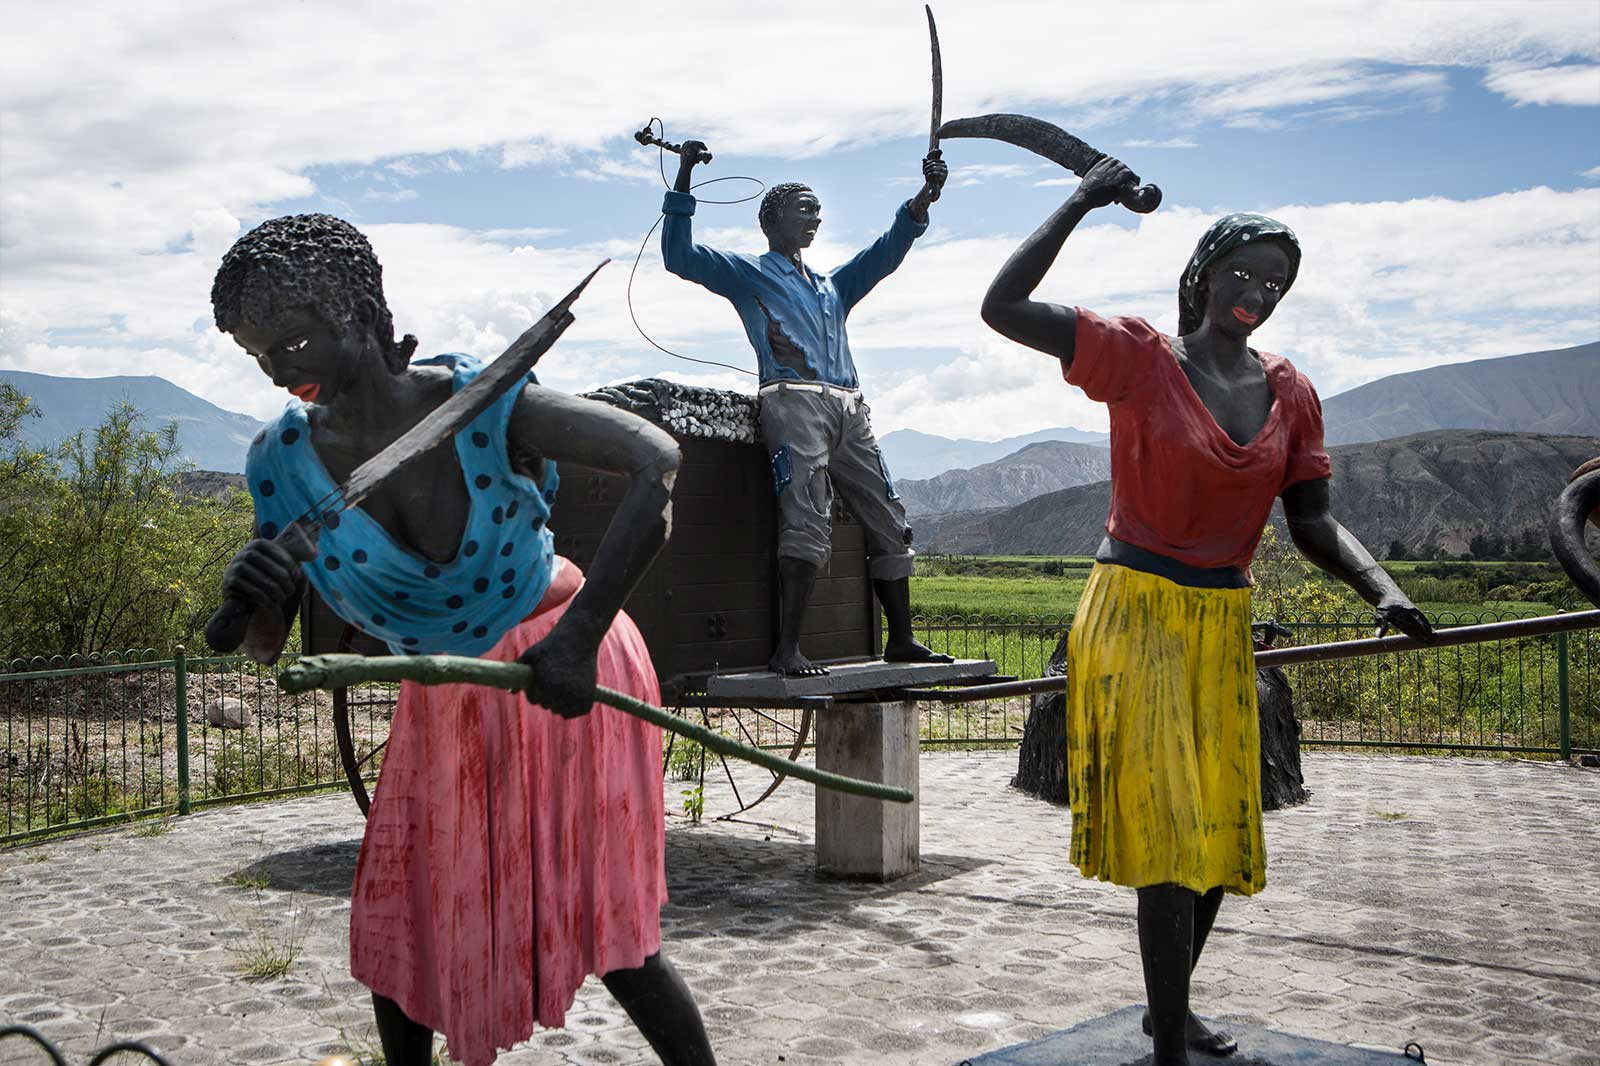 En Ecuador siete de cada diez afros (mujeres y hombres) son pobres: el 64.26% de la población a nivel urbano y el 85.98% en el sector rural se encuentra afectada por la pobreza.